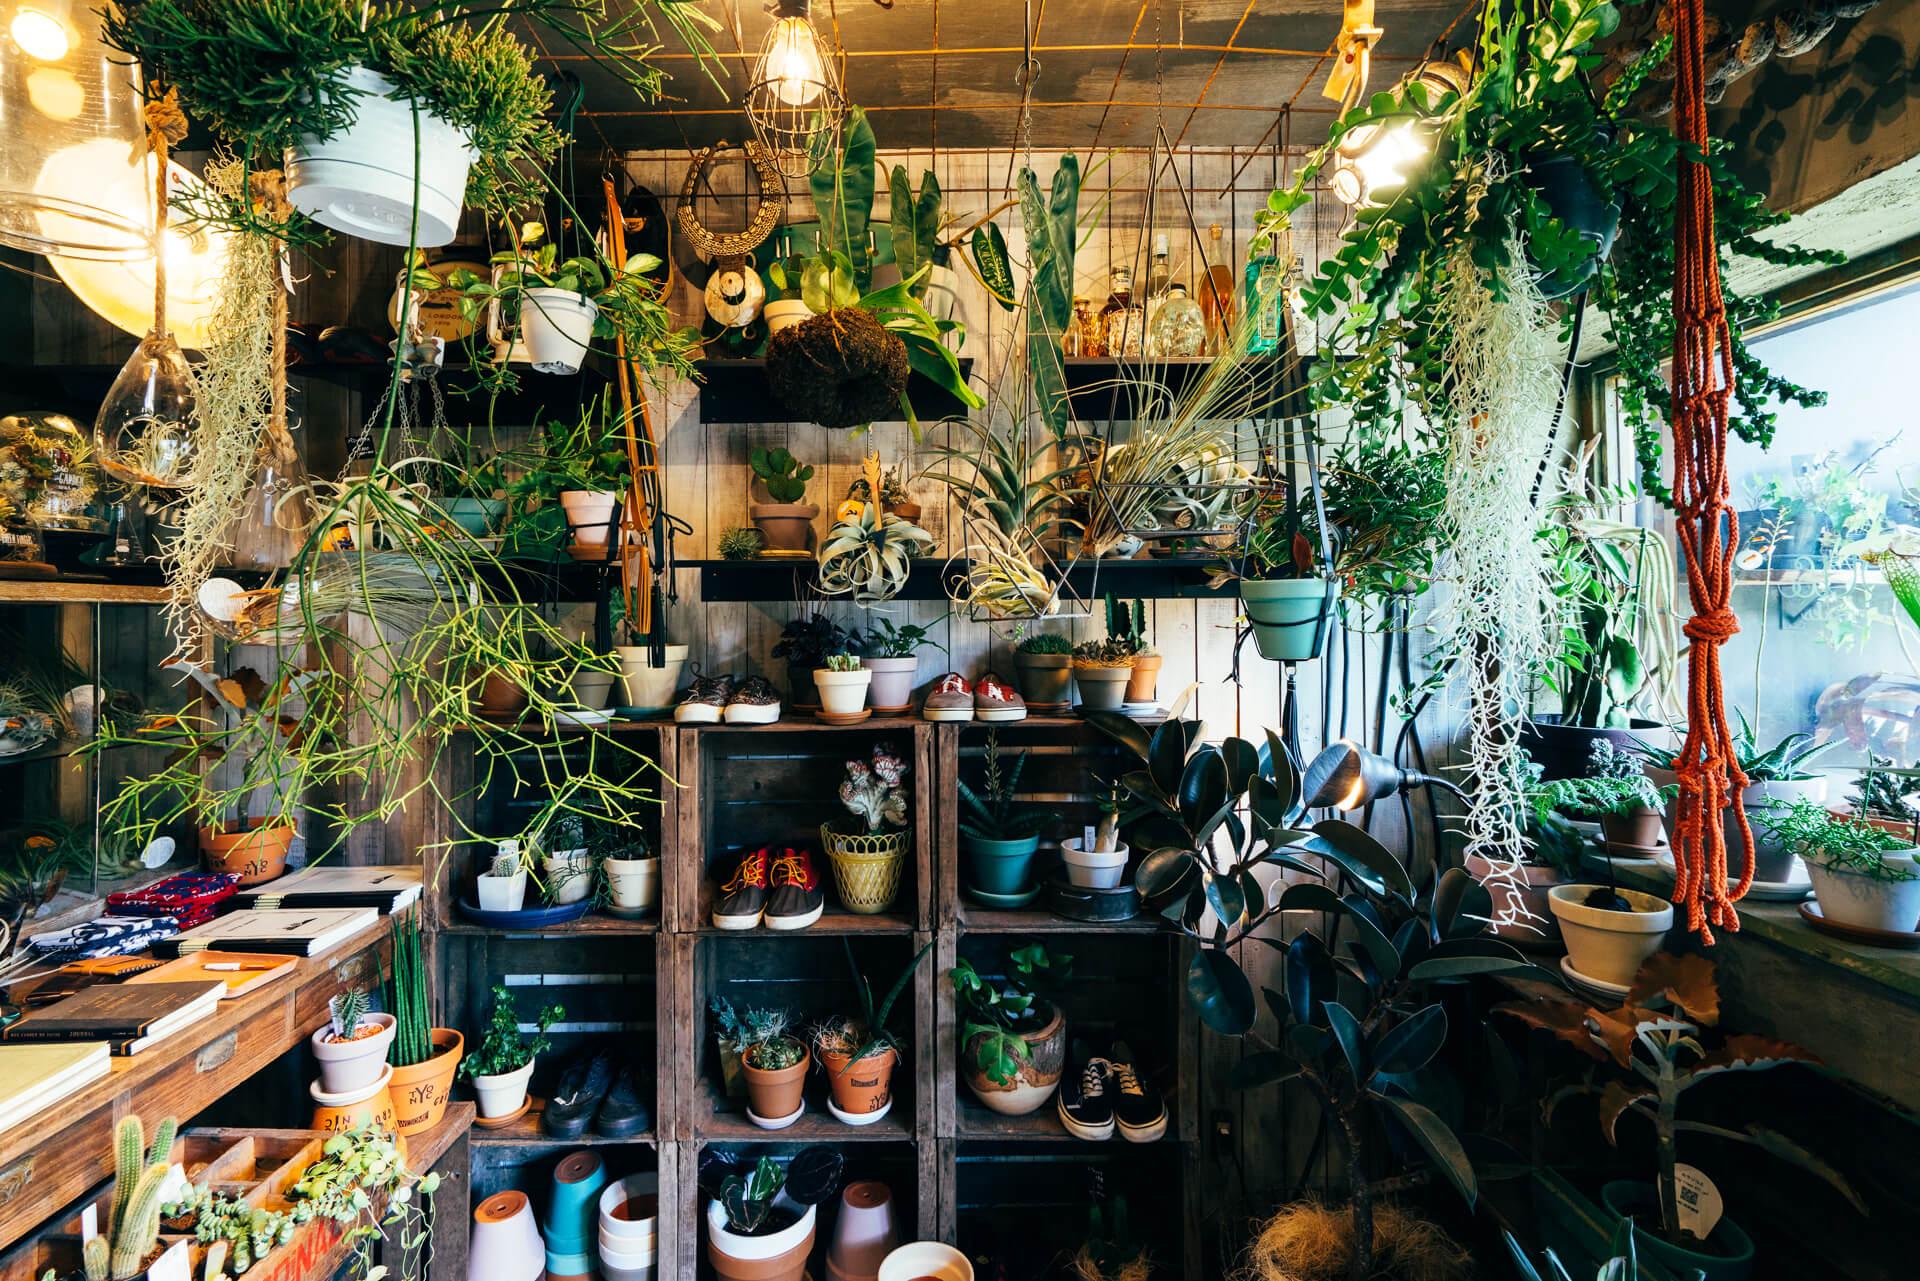 古材のウッドボックスやヴィンテージ家具などの什器に、植物、植木鉢、文房具から靴や古着まで、独自のセンスでセレクトされたアイテムがいっぱいに並びます。